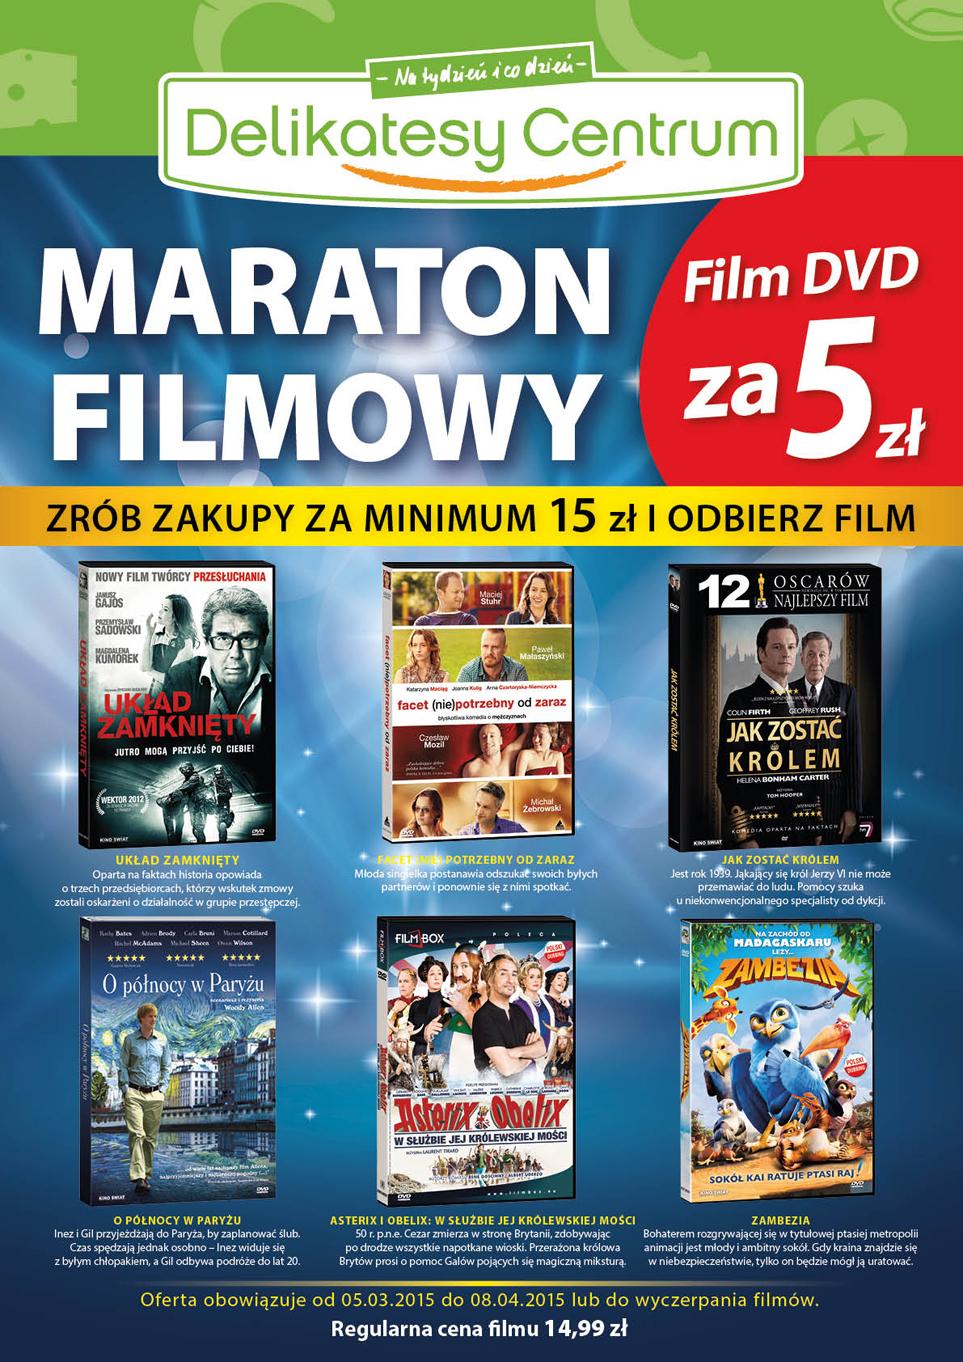 Maraton filmowy (DVD za 5zł) @ Delikatesy Centrum